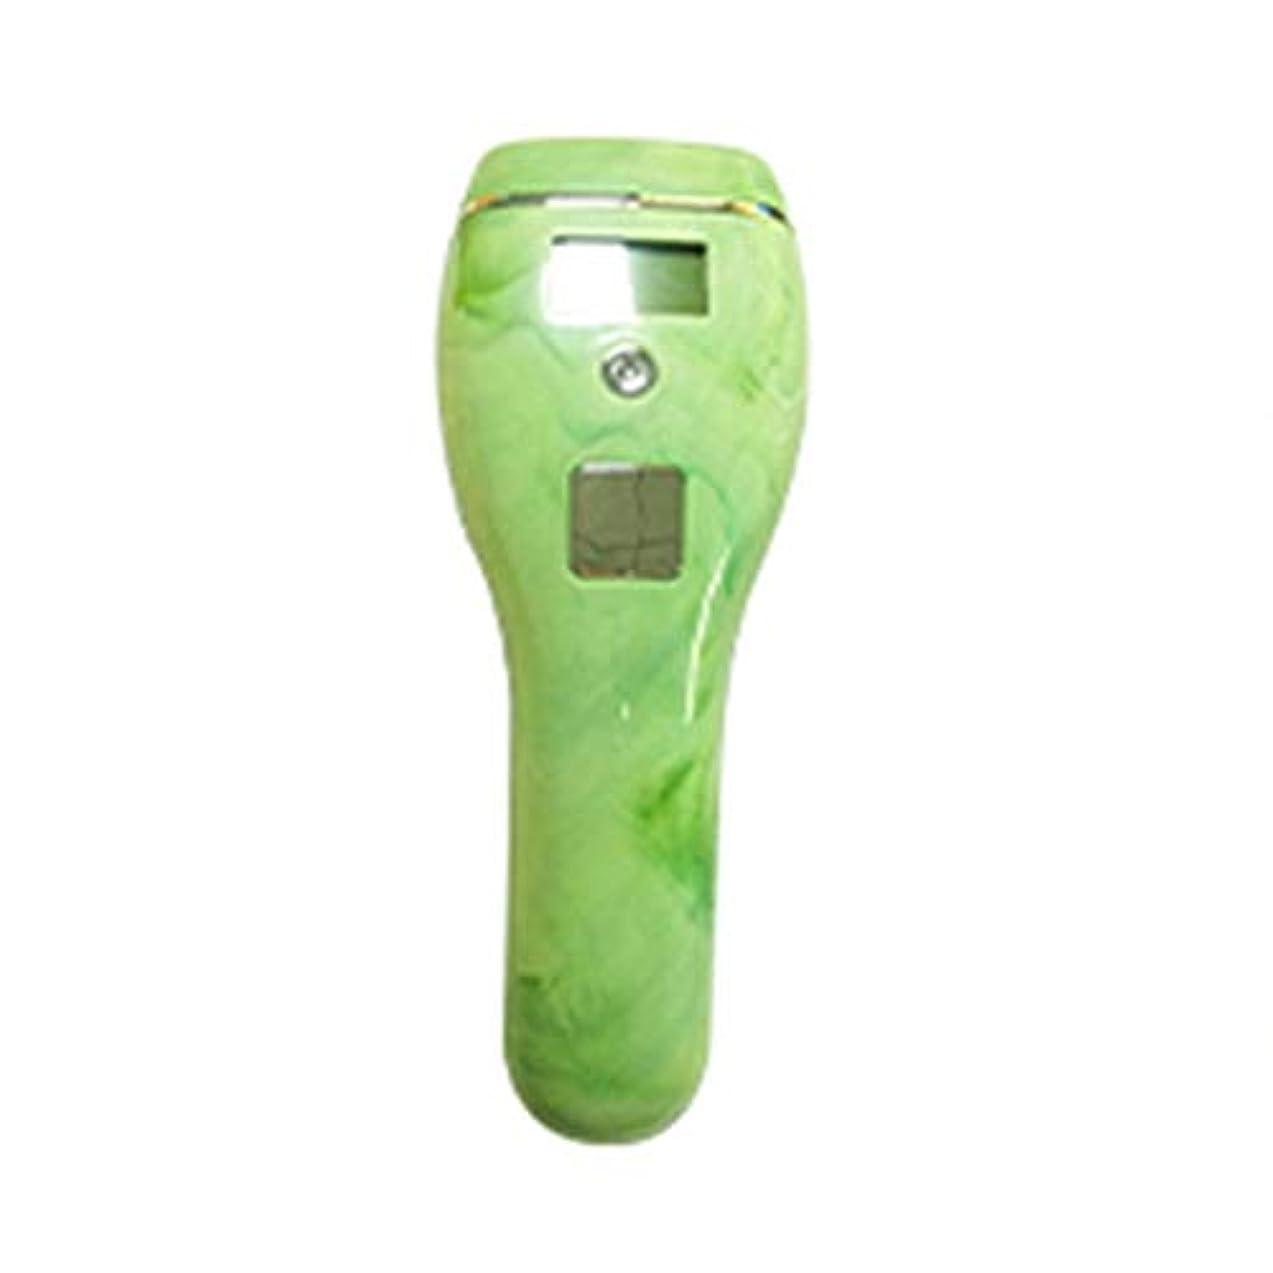 逃れる捧げる肉のXihouxian 自動肌のカラーセンシング、グリーン、5速調整、クォーツチューブ、携帯用痛みのない全身凍結乾燥用除湿器、サイズ19x7x5cm D40 (Color : Green)